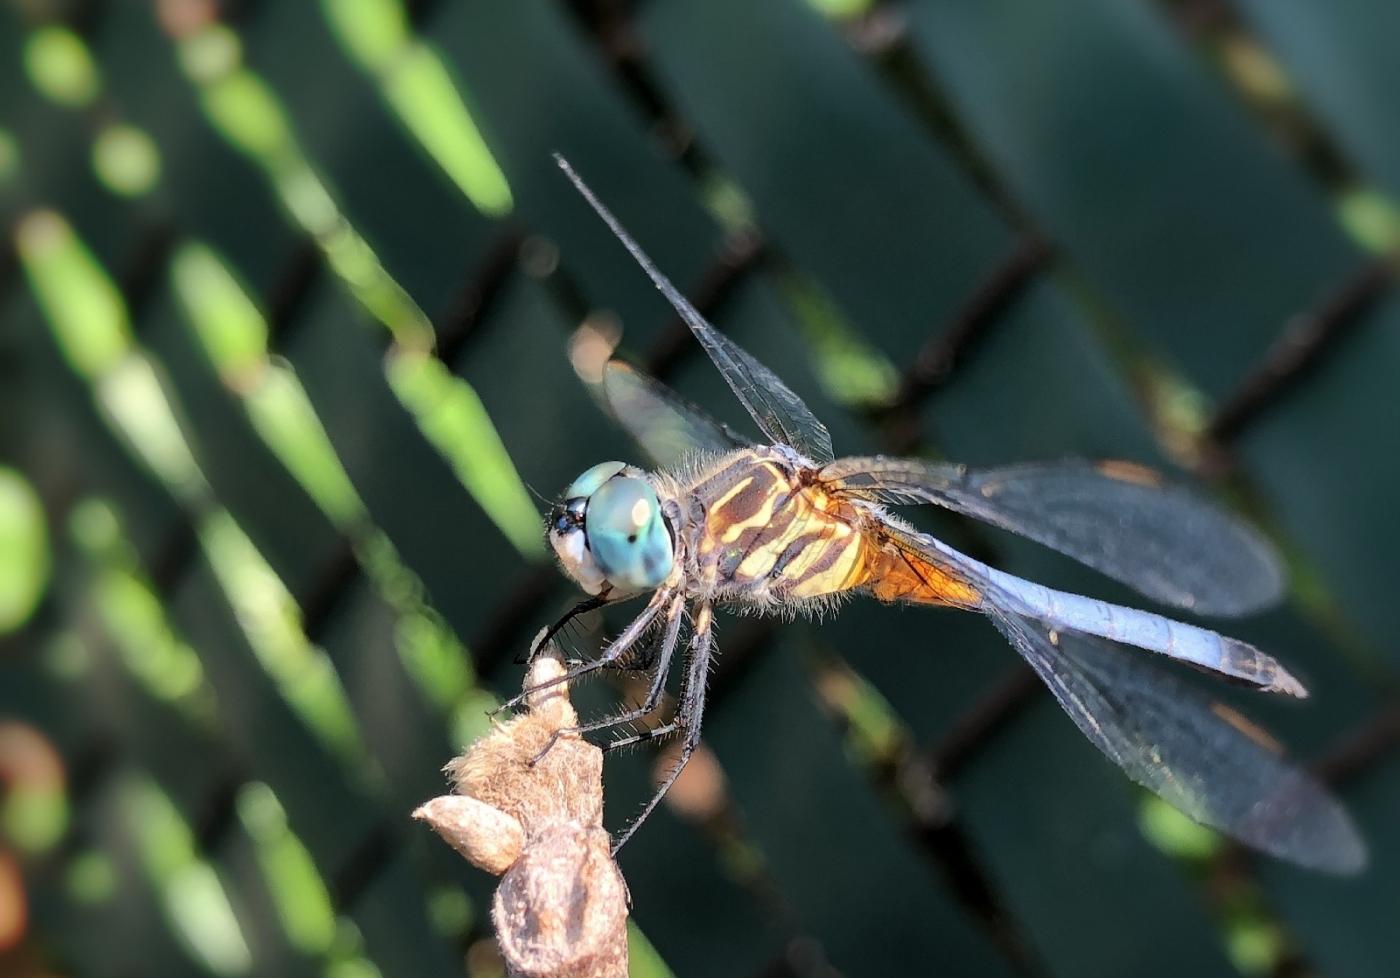 【田螺摄影】院子里的蜻蜓_图1-14